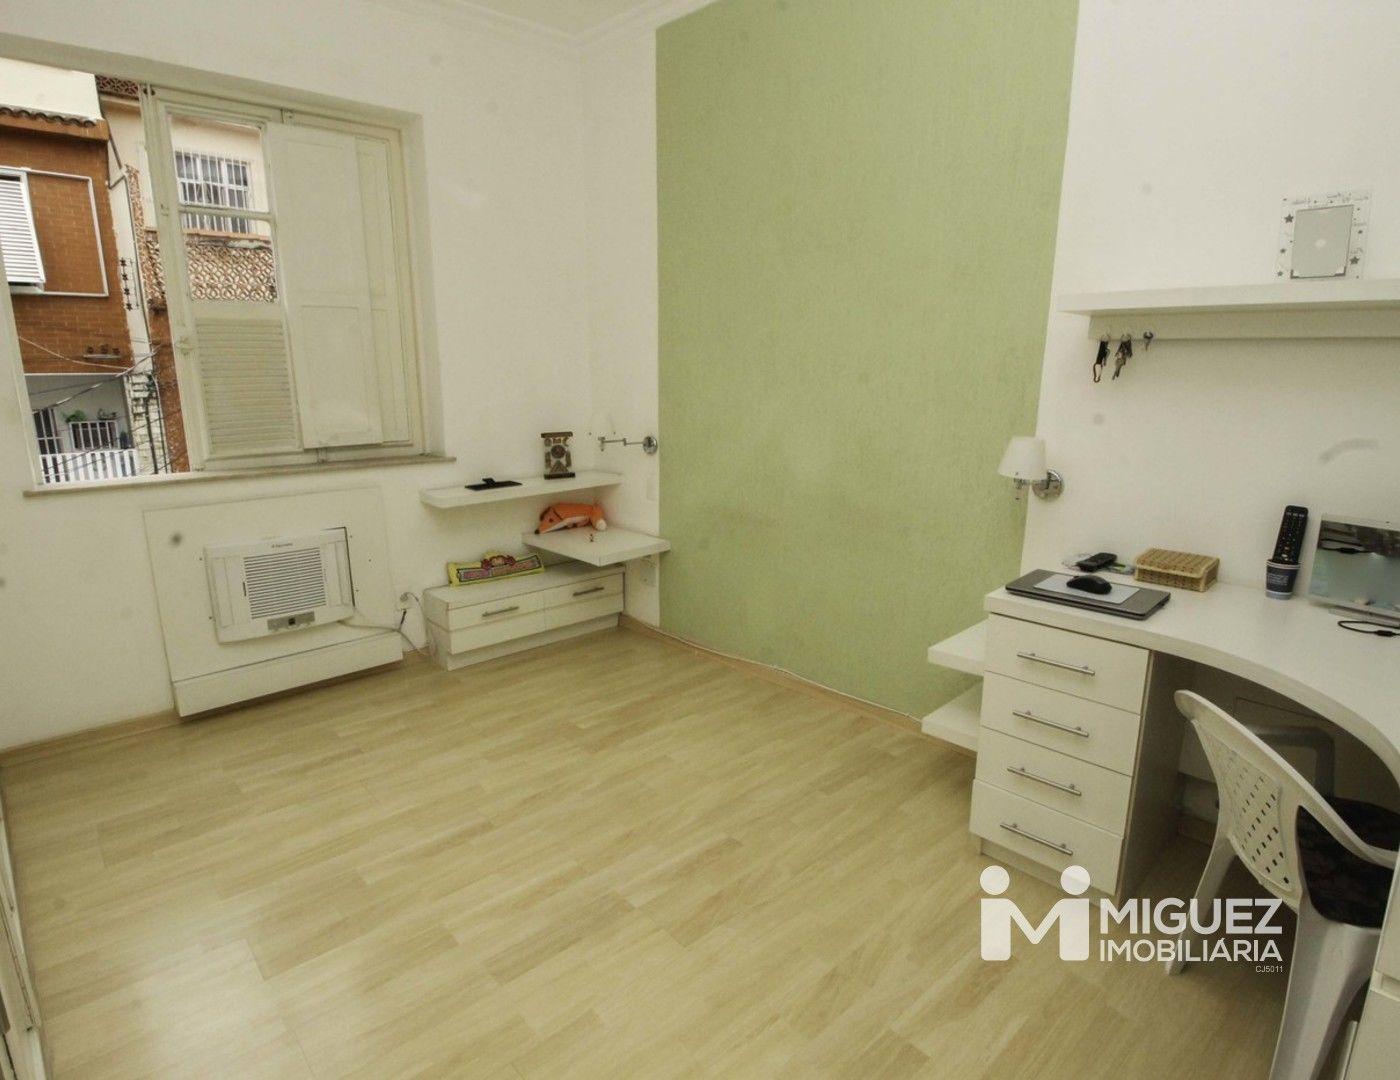 Apartamento, venda, Travessa Americo de Oliveira - Tijuca , Rio de janeiro